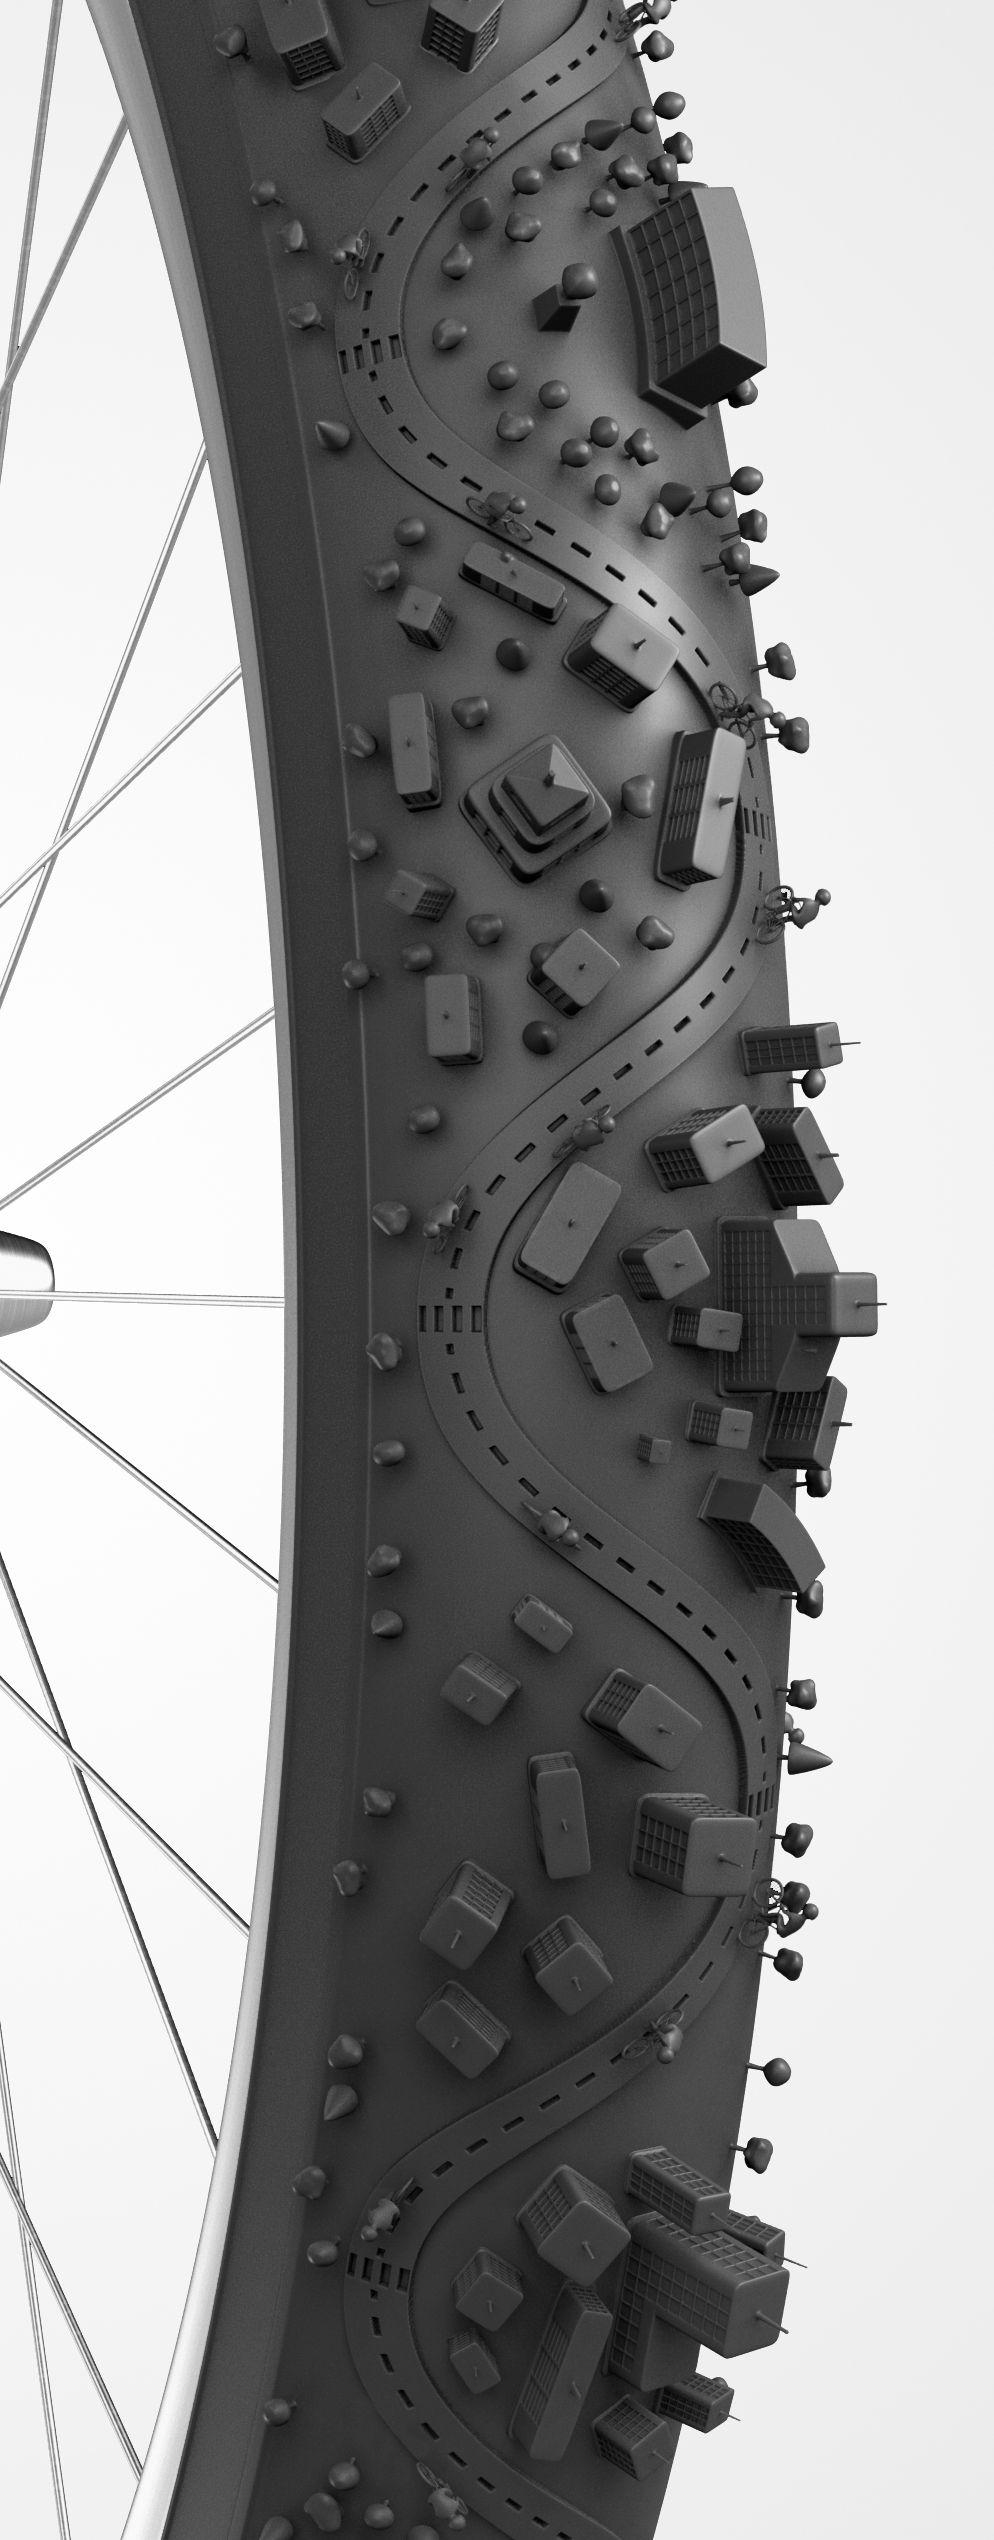 自転車のタイヤ上に作られた都市がスゴイ! : ギズモード・ジャパン